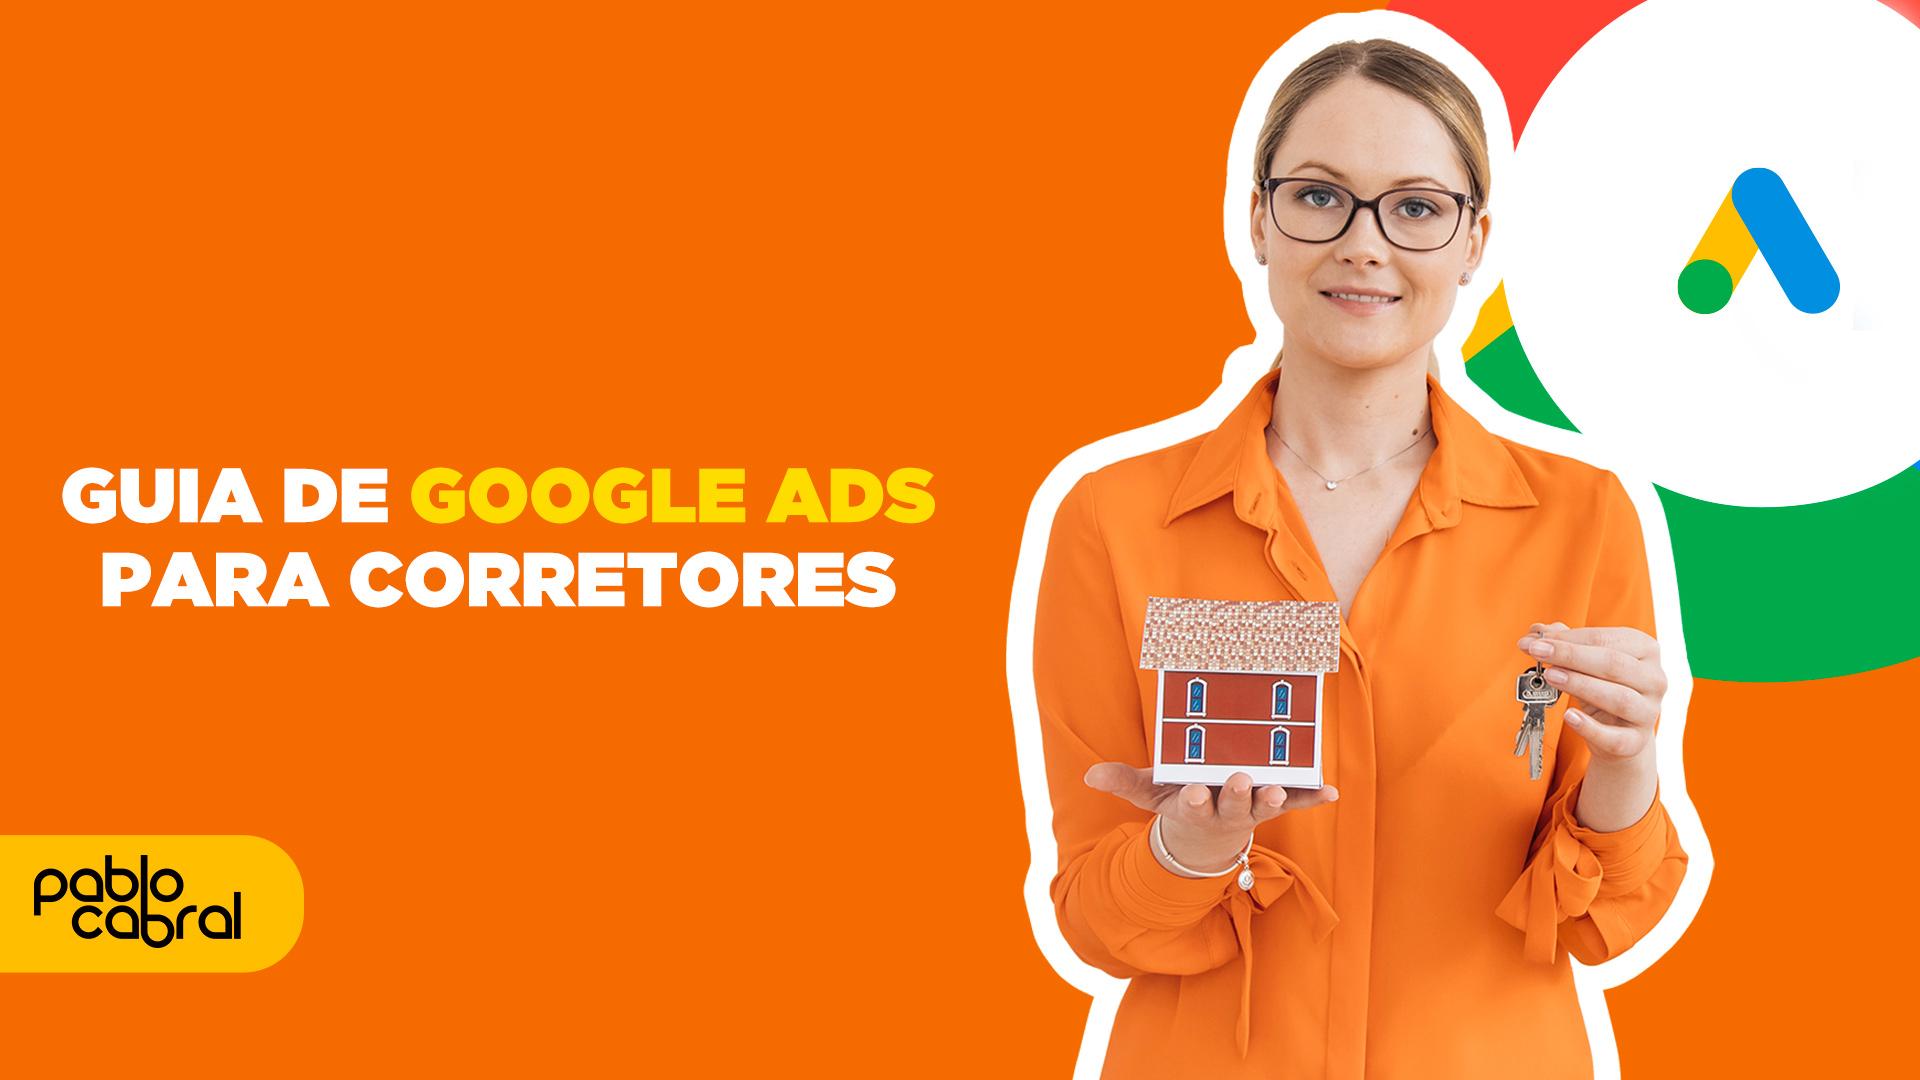 google ads para corredores